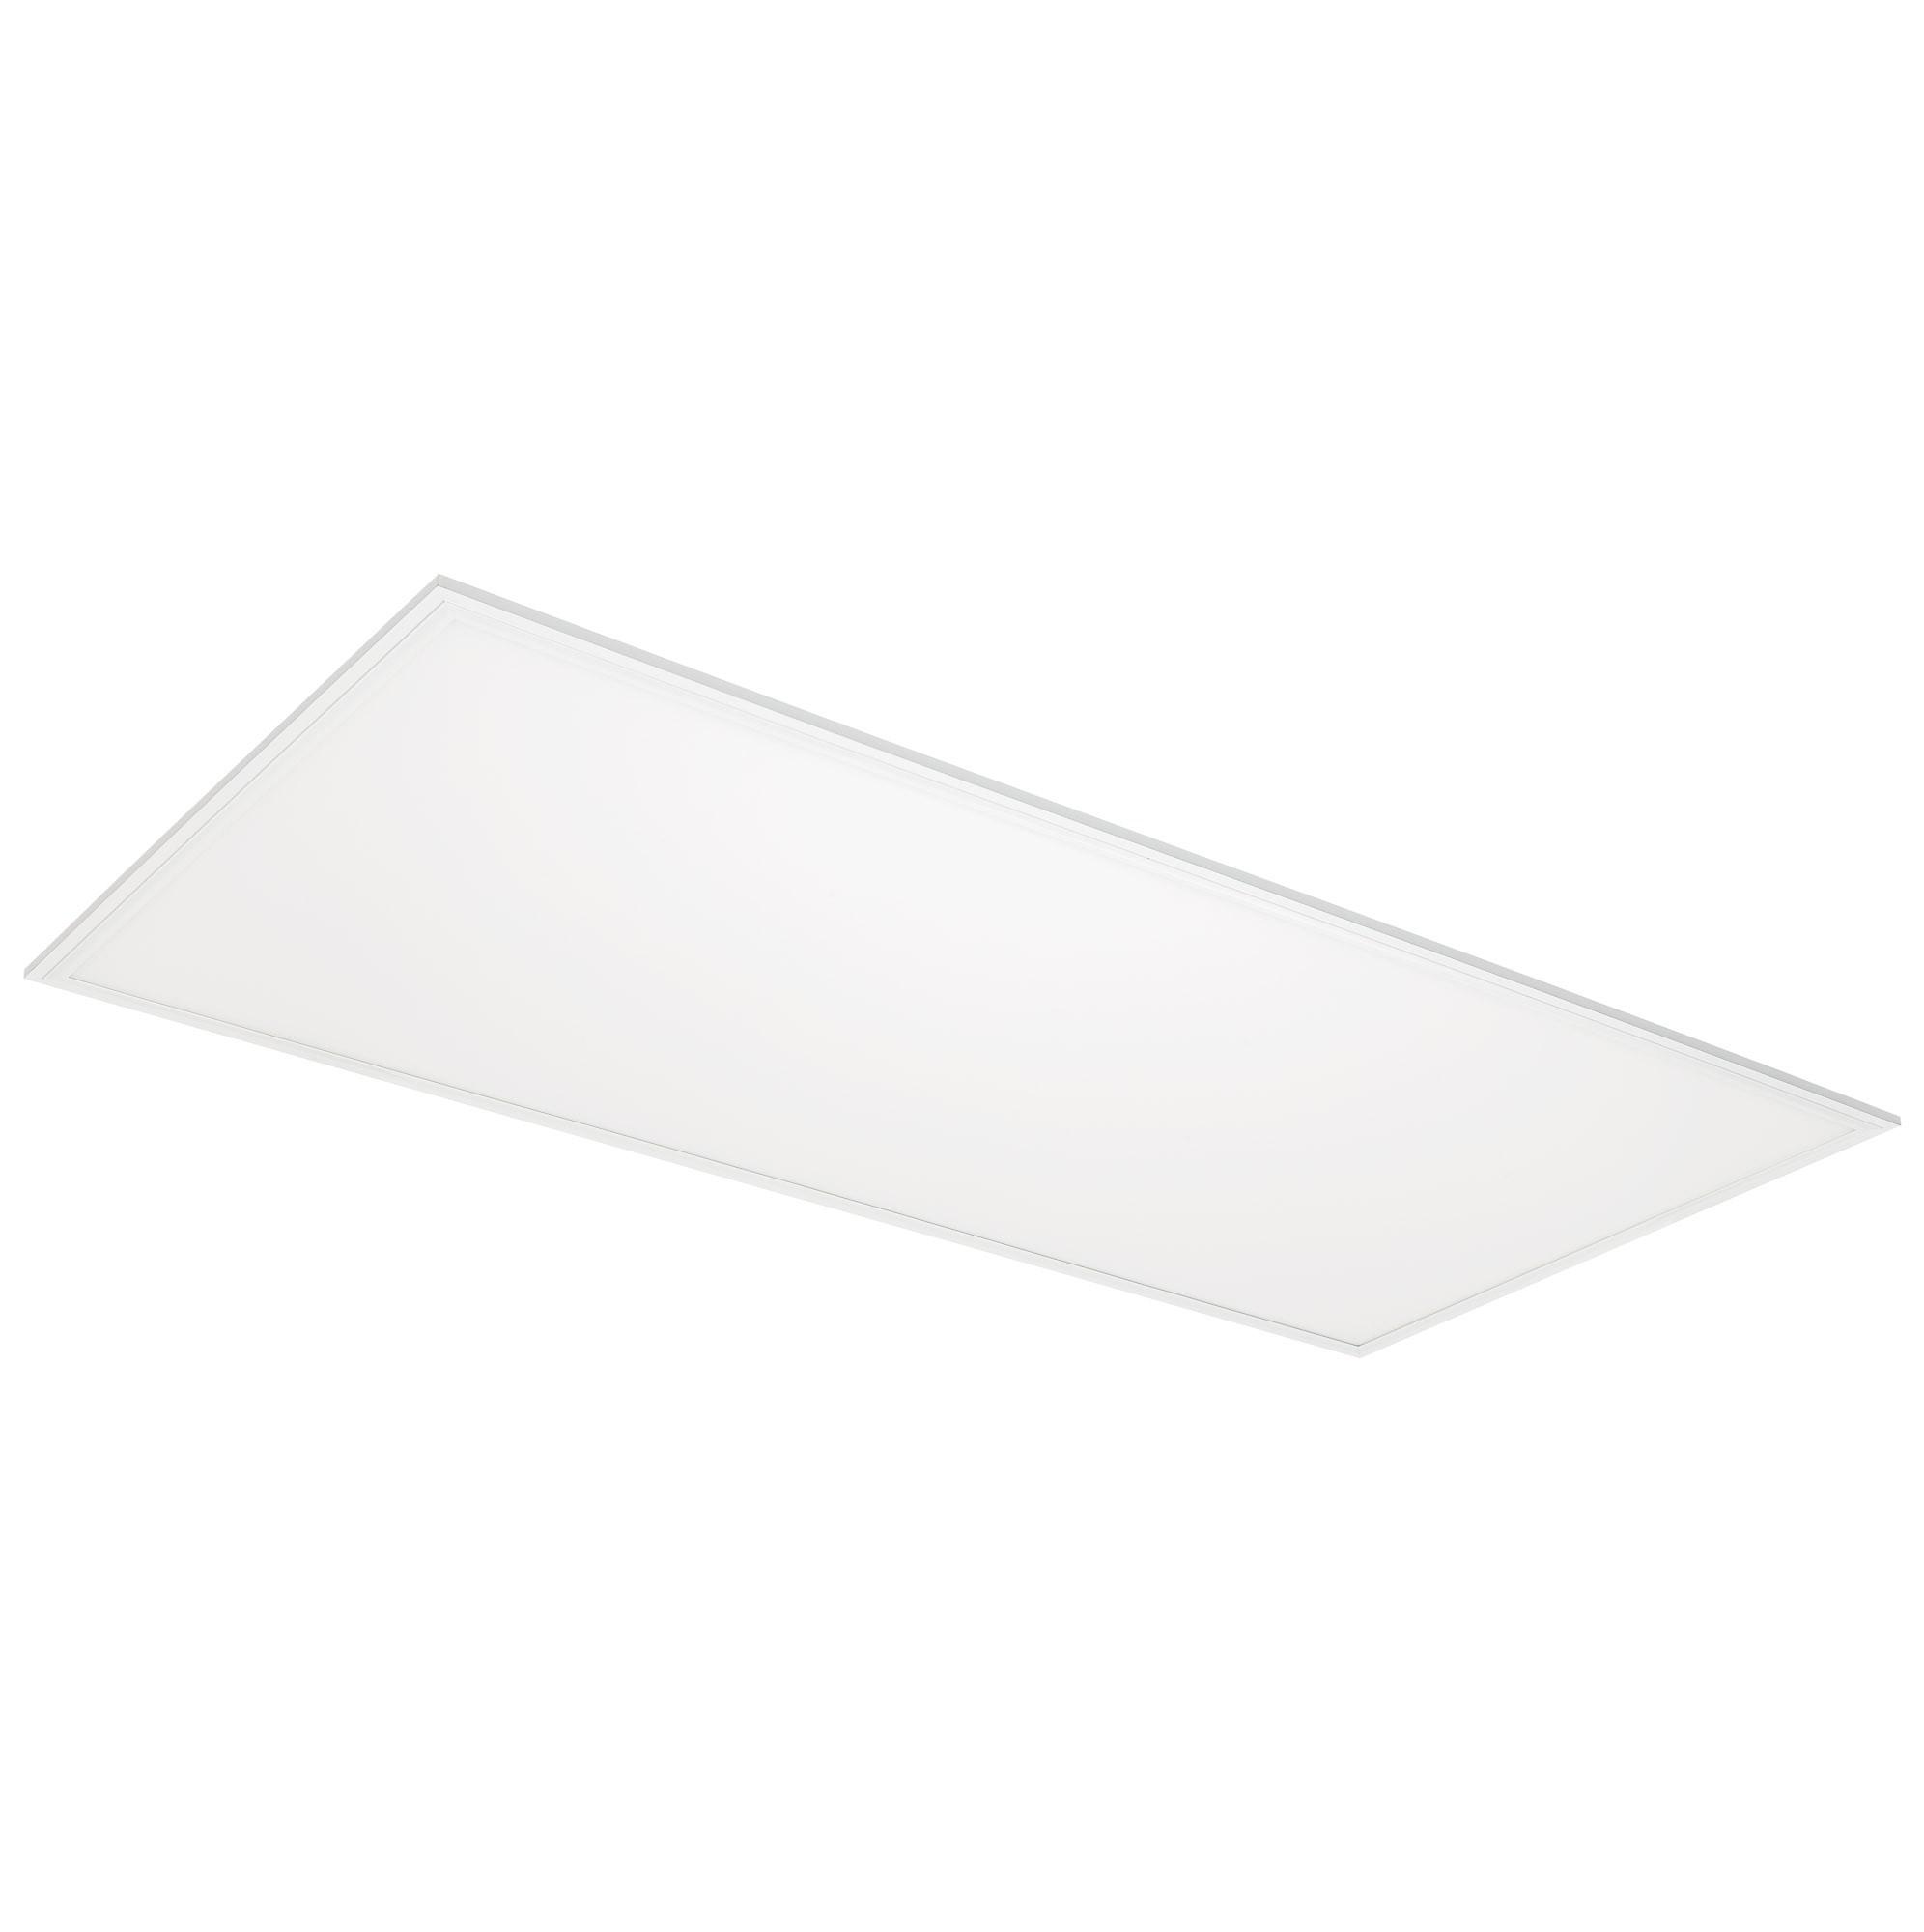 LED LIGHT PANEL - 46W - 1200mm X 600mm - 6000K - 9mm FRAME